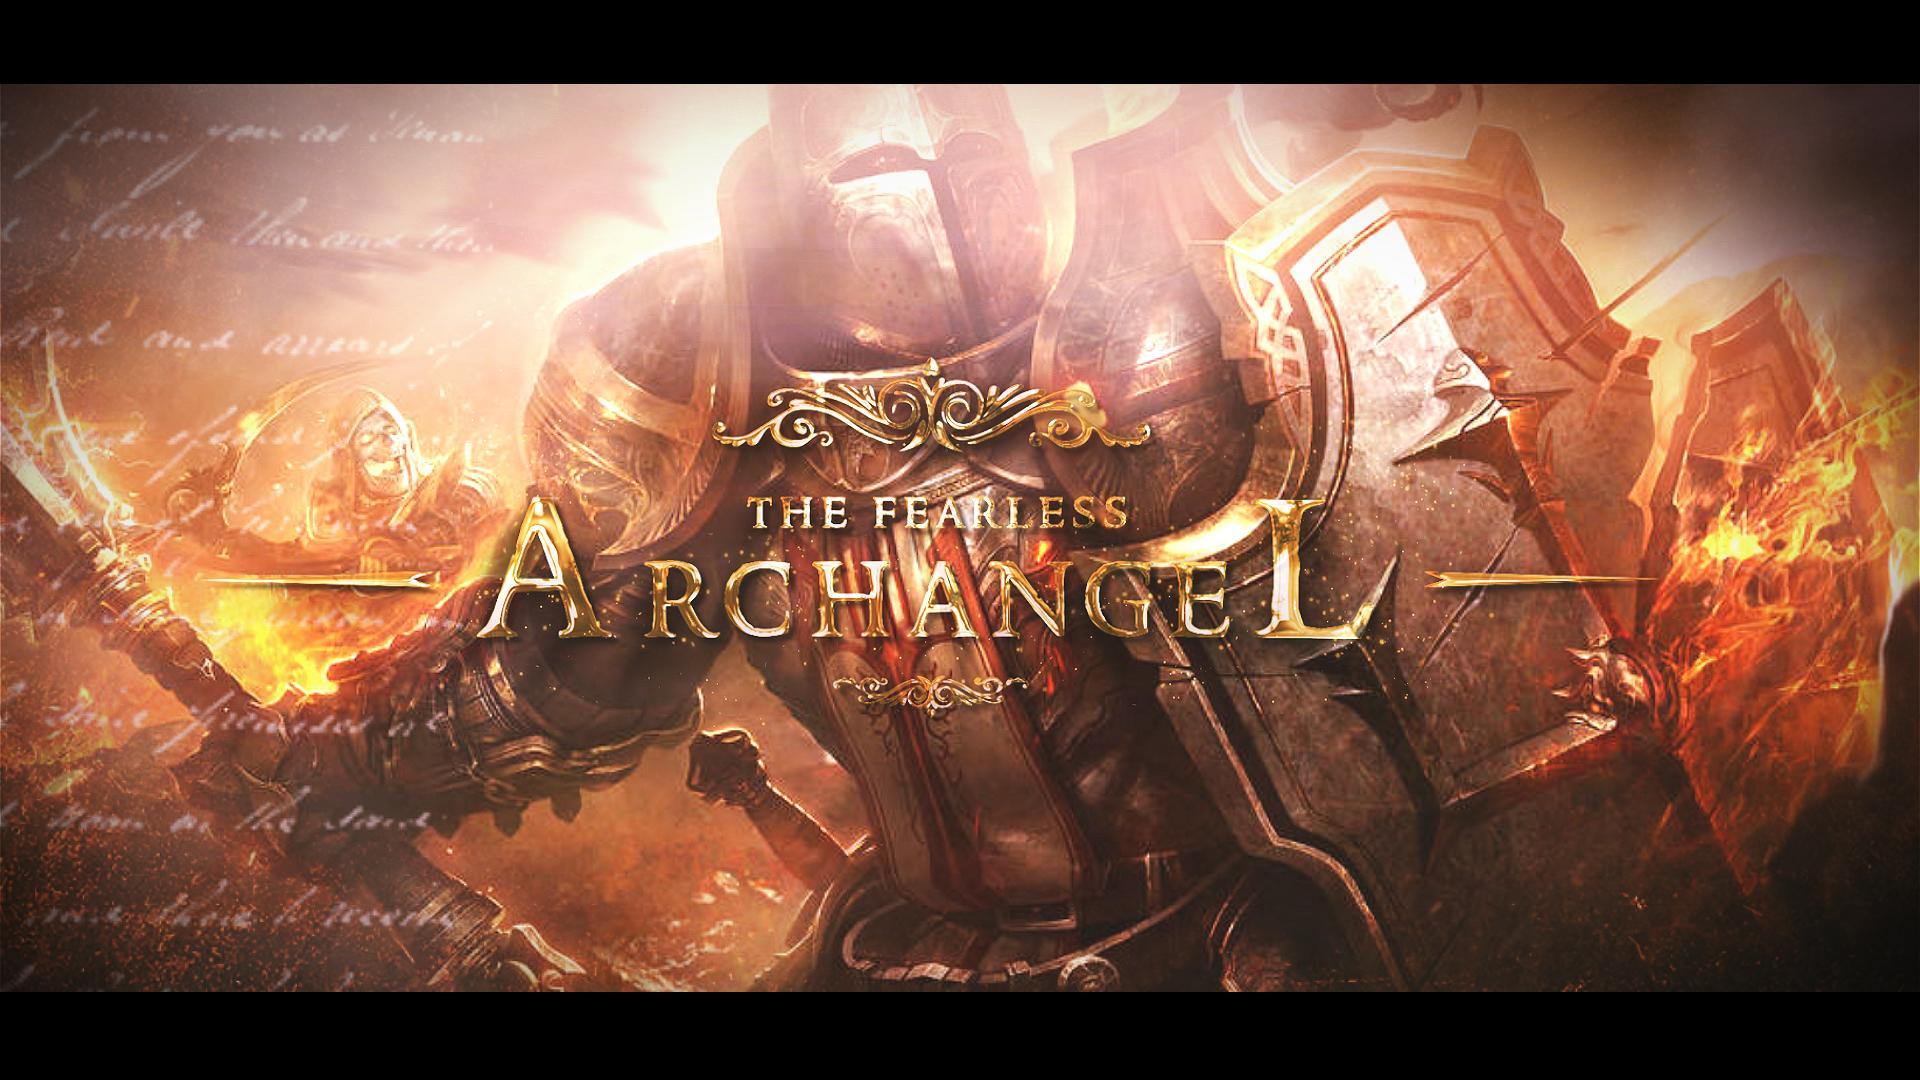 史诗电影预告片片头视频设计AE模板 Archangel – Epic Fantasy Trailer插图